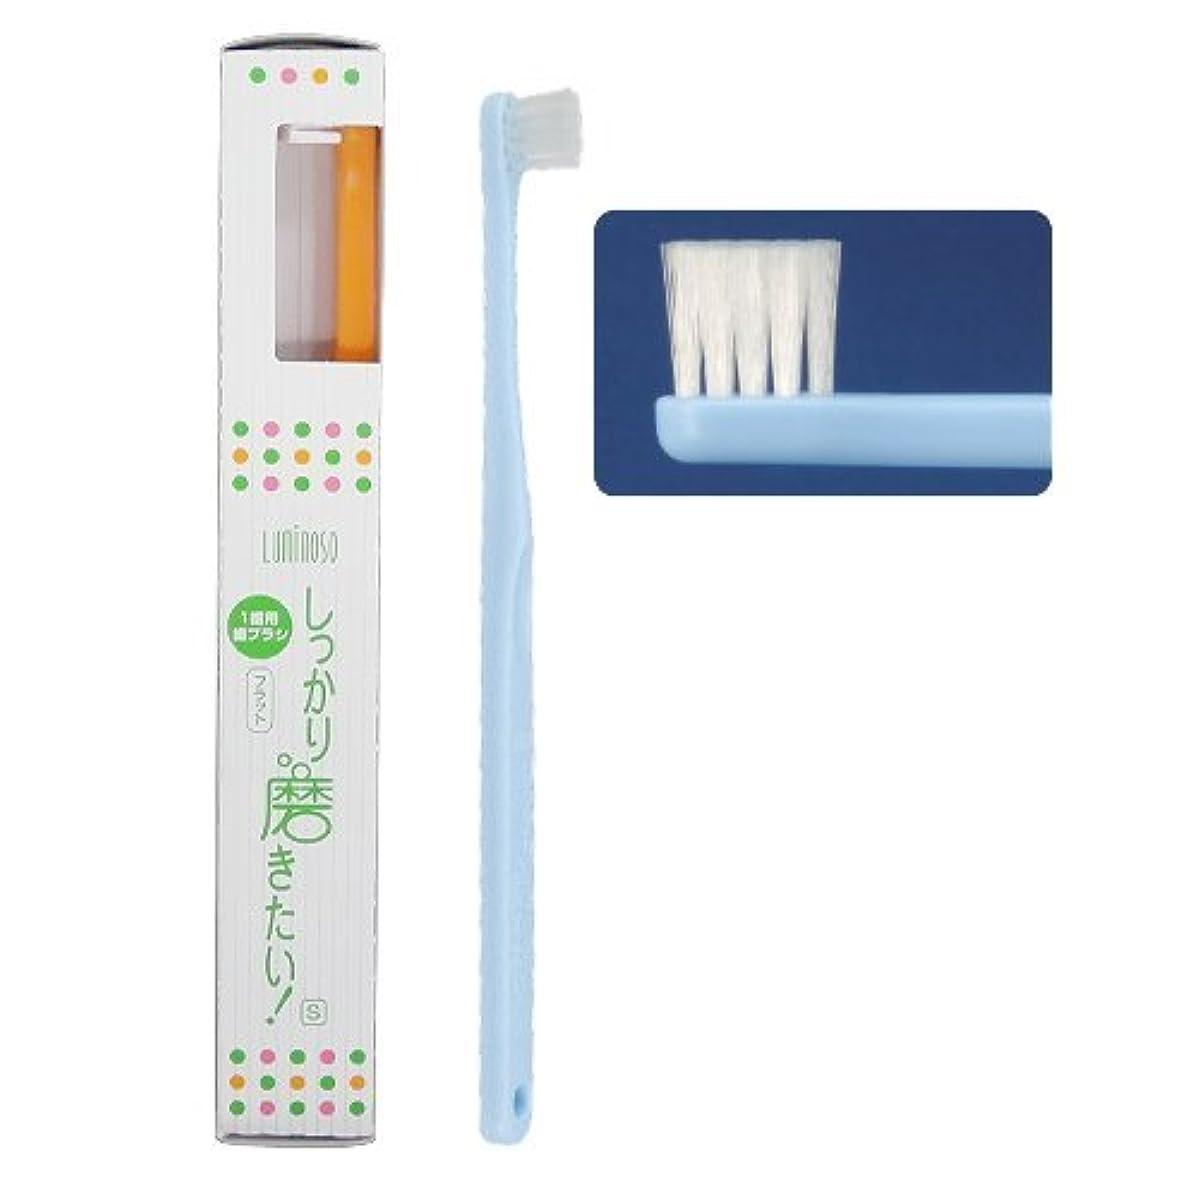 ケイ素キロメートル何ルミノソ 1歯用歯ブラシ 「しっかり磨きたい!」 フラット ソフト (カラー指定不可) 10本